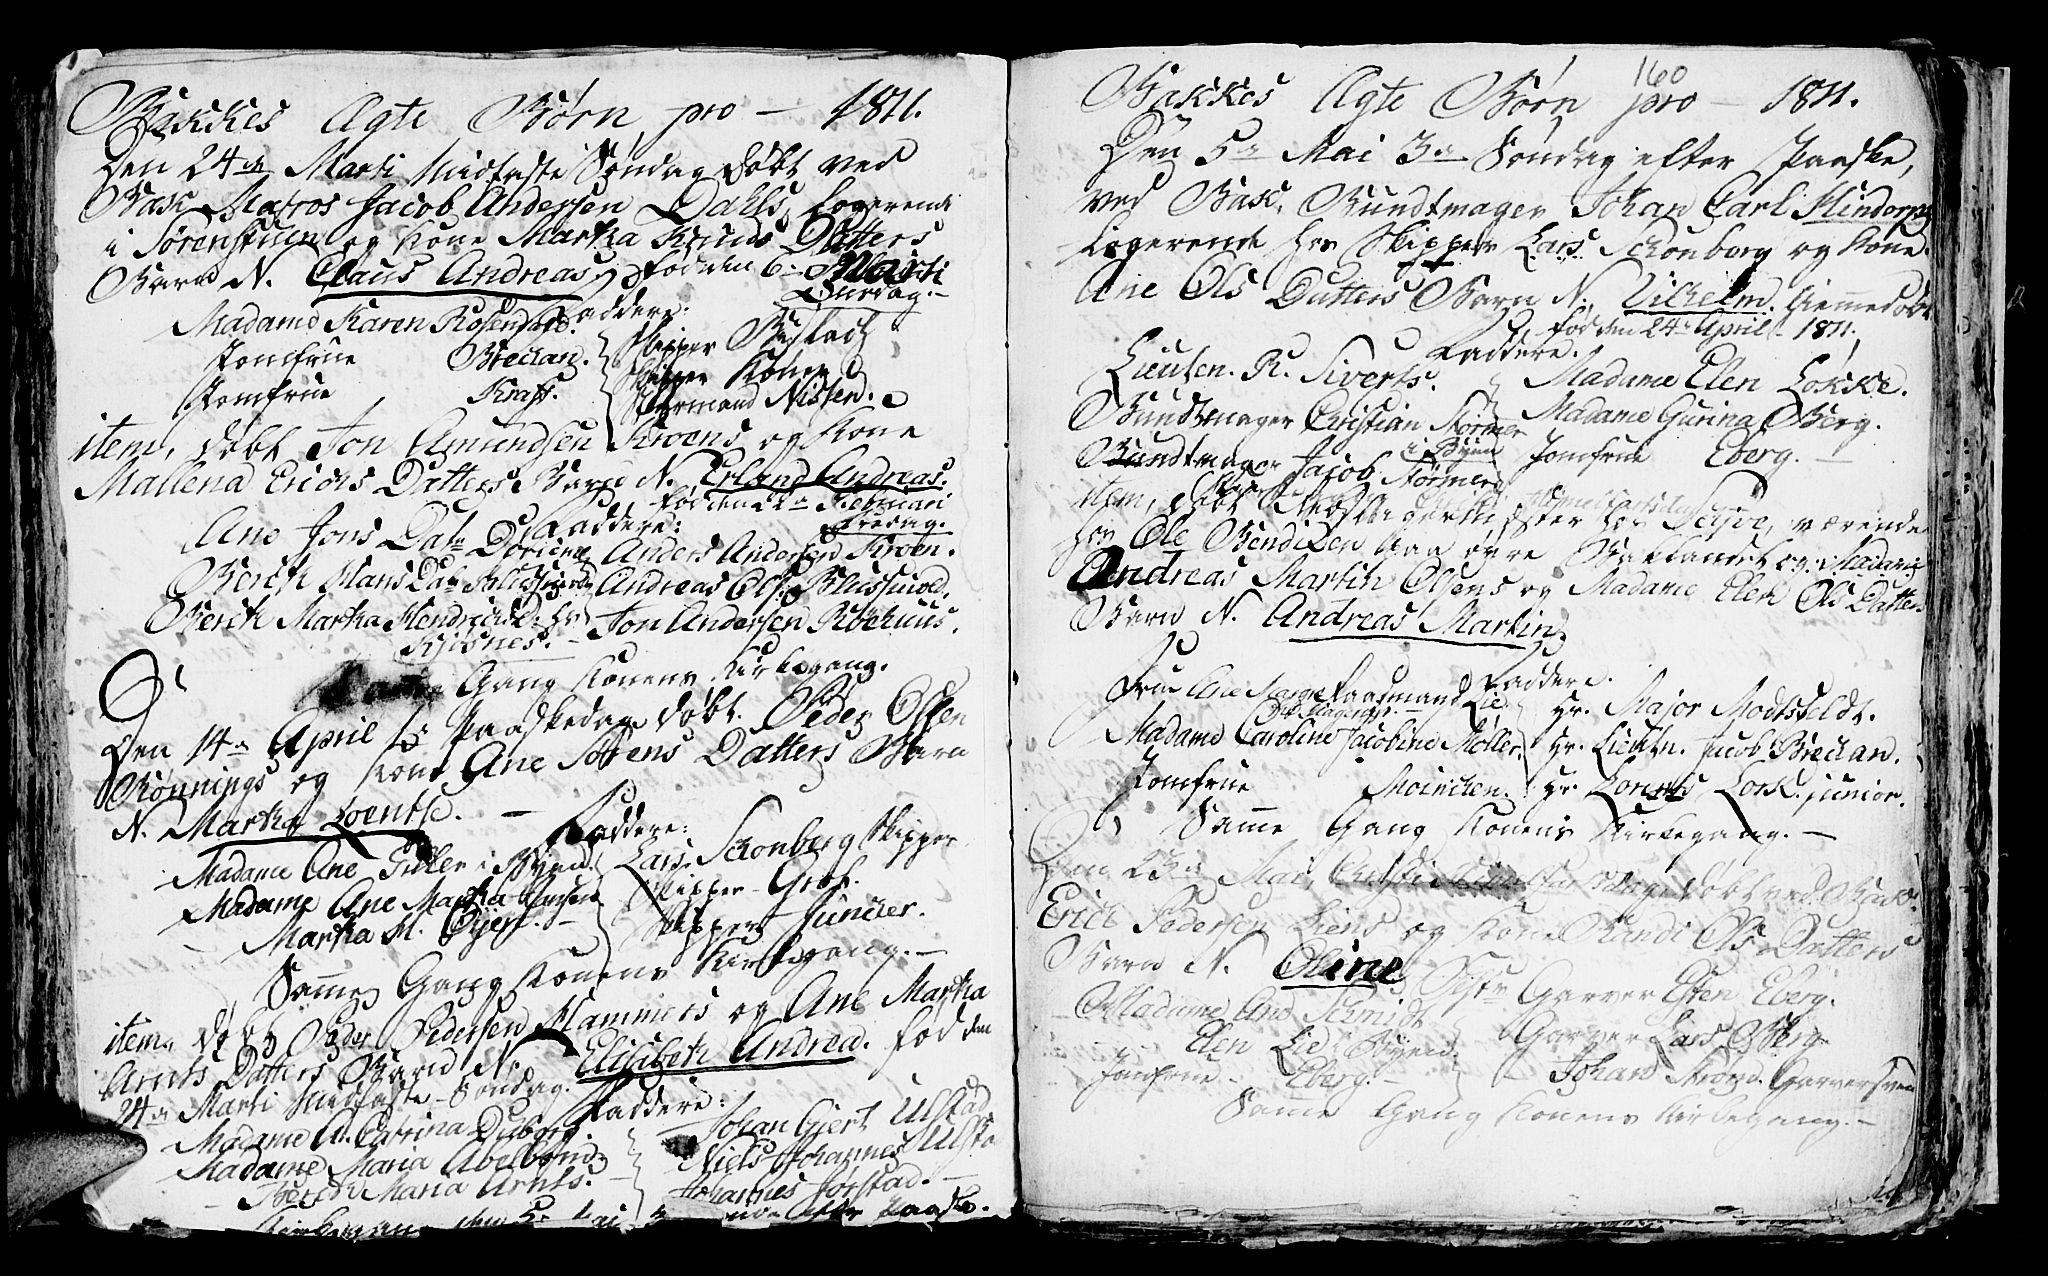 SAT, Ministerialprotokoller, klokkerbøker og fødselsregistre - Sør-Trøndelag, 604/L0218: Klokkerbok nr. 604C01, 1754-1819, s. 160